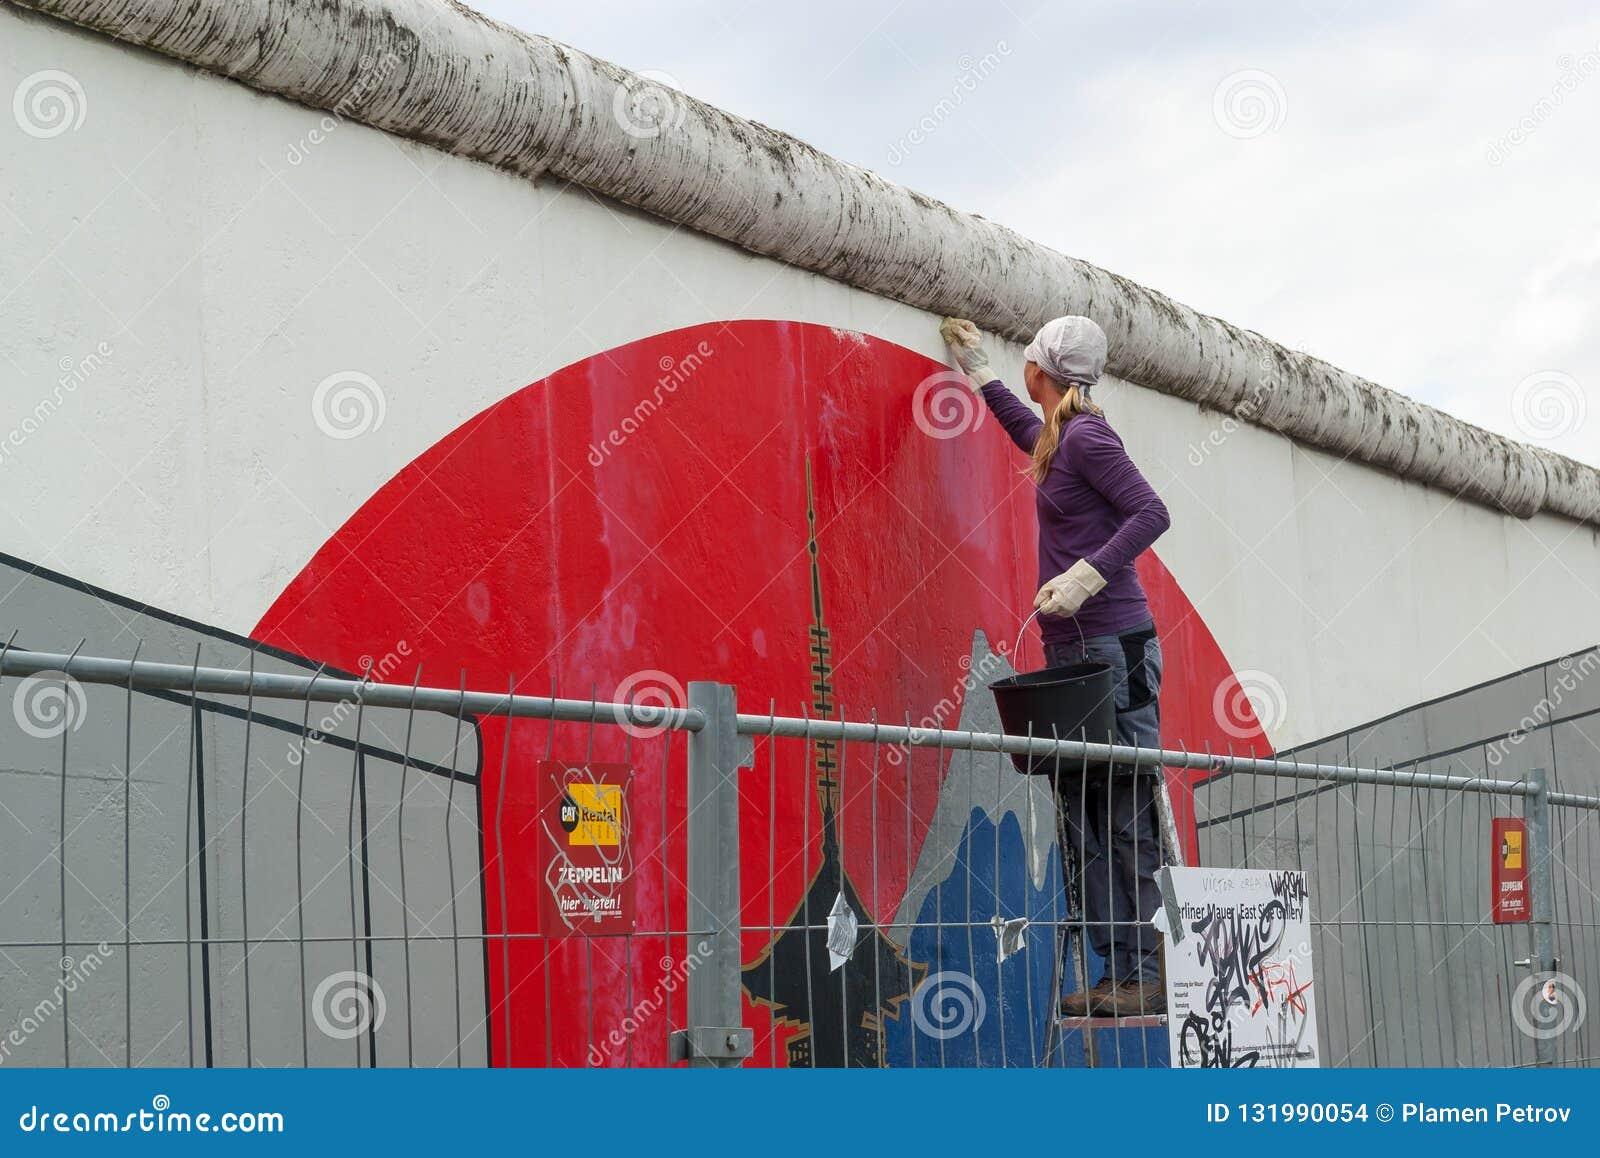 Маленькая девочка очищает Берлинскую стену, галерею Ист - Сайда, Берлин